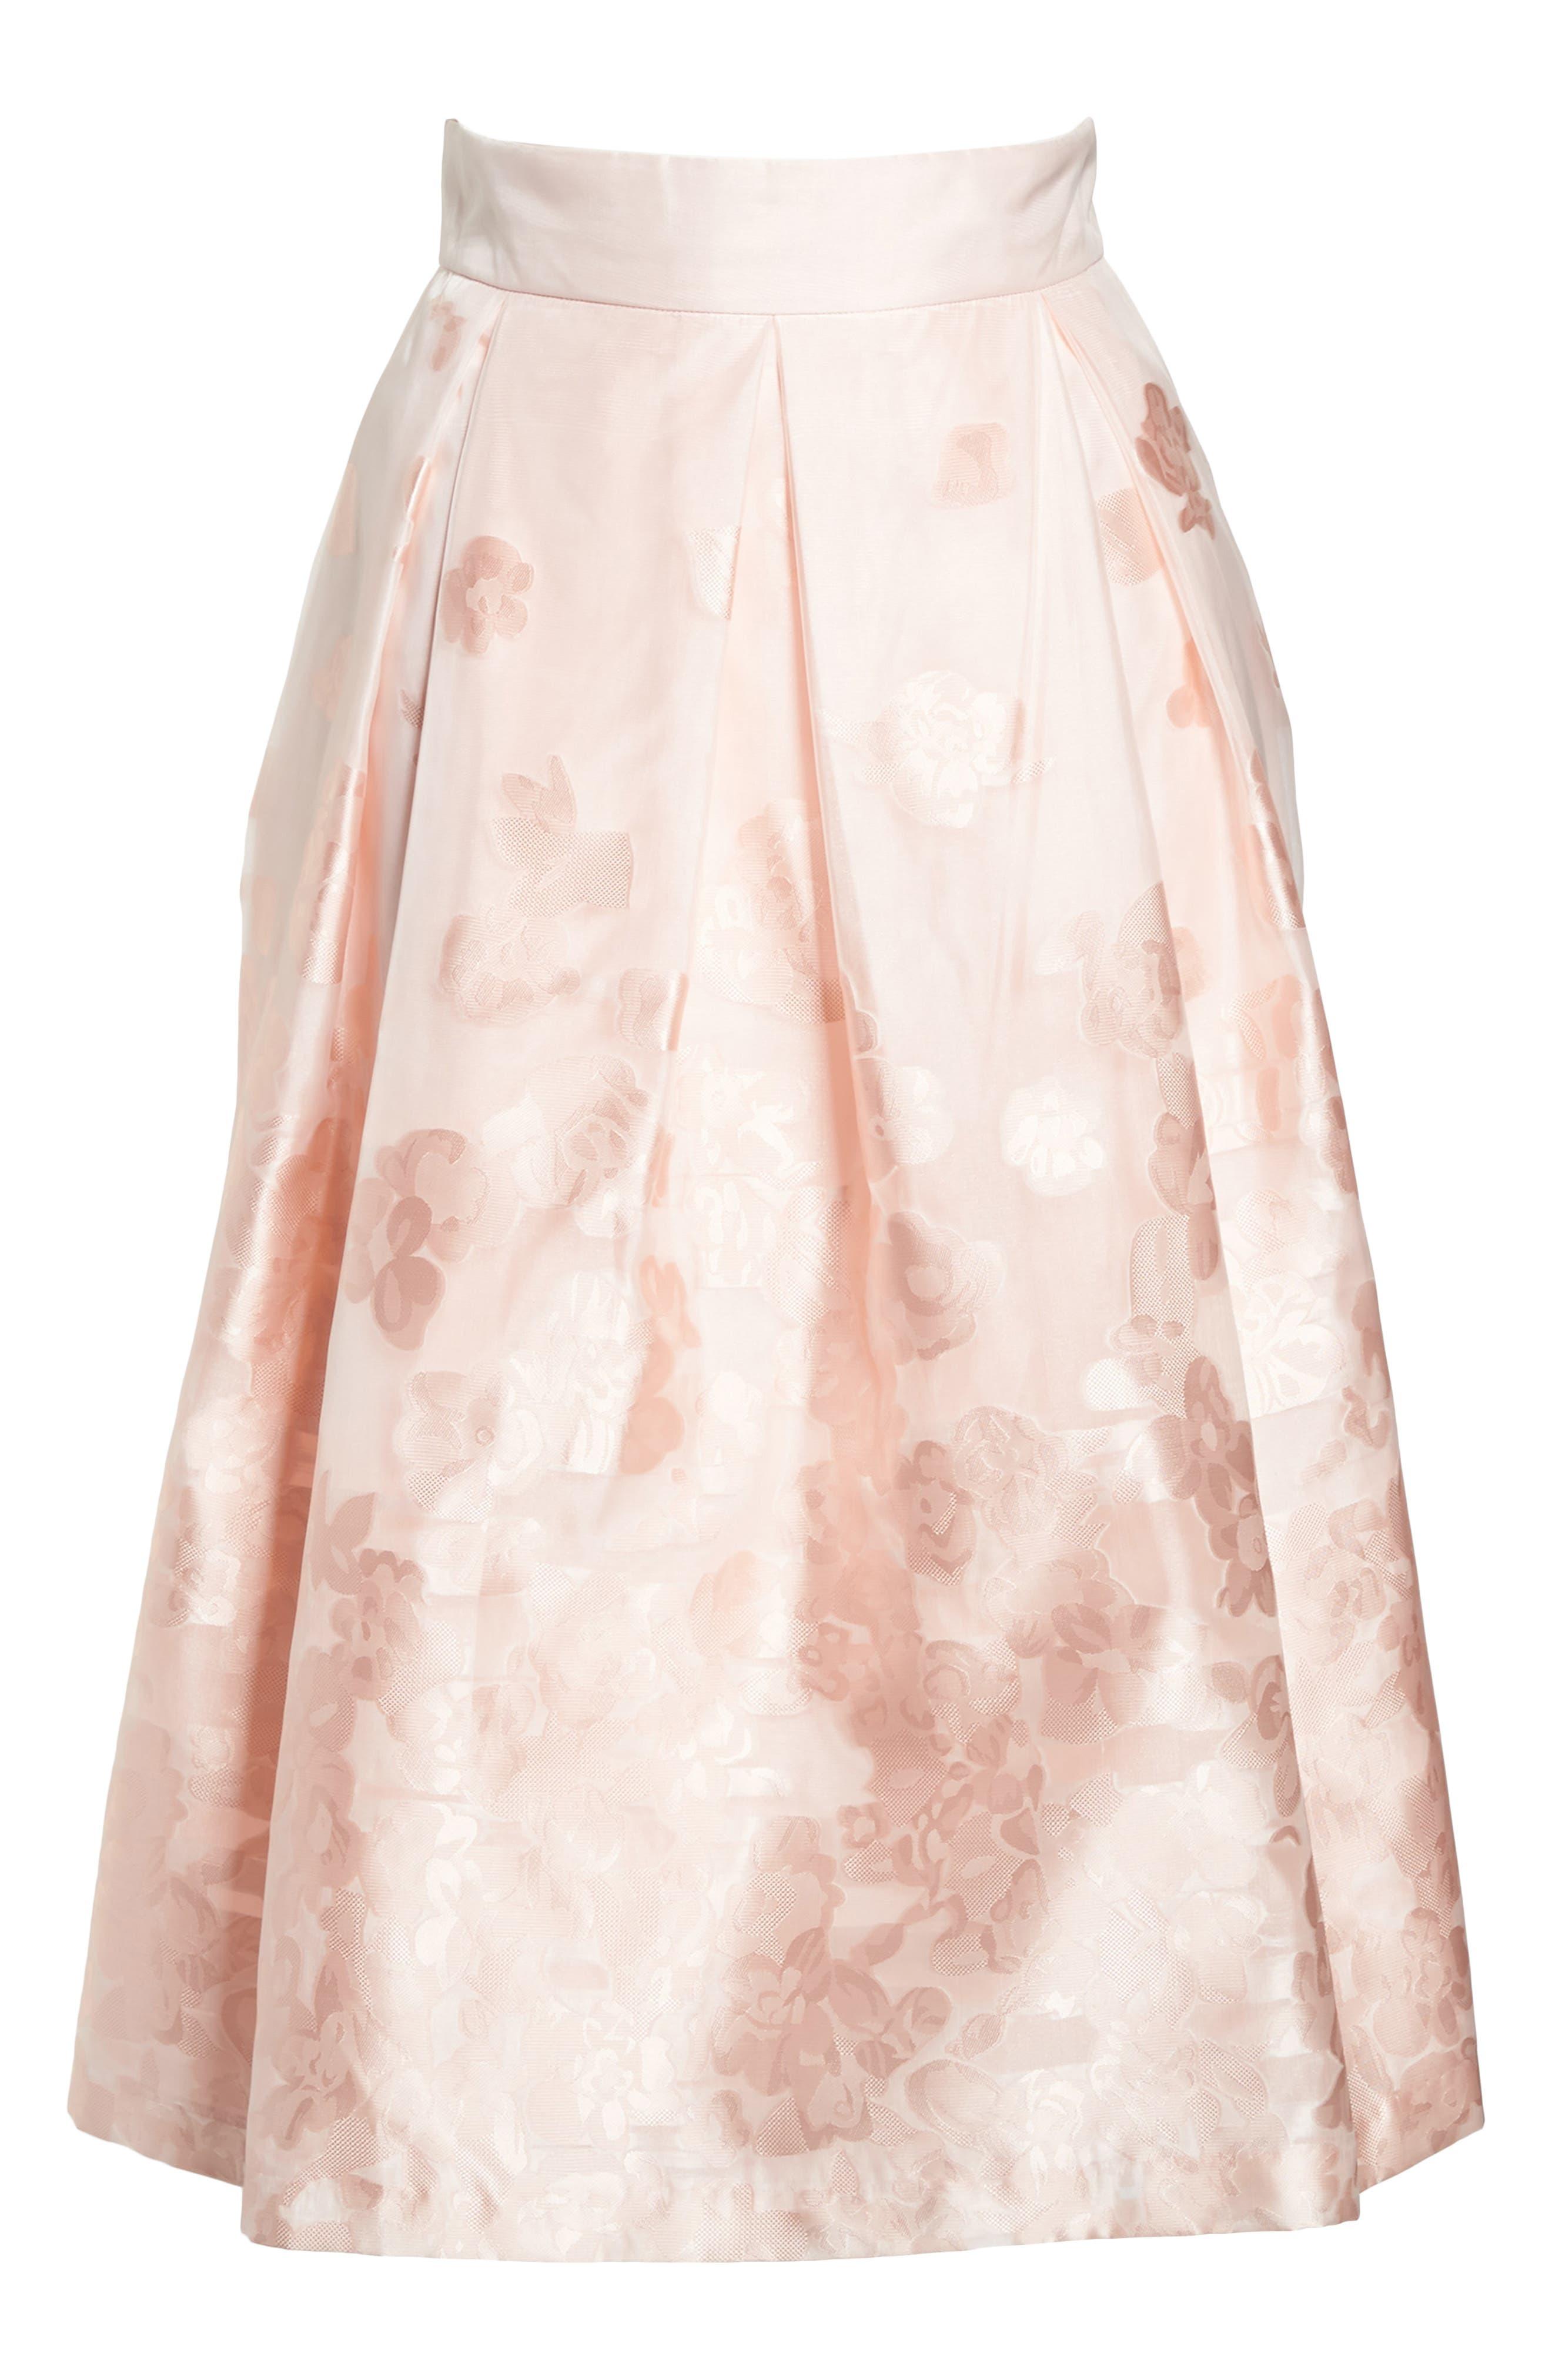 Jacquard A-Line Skirt,                             Alternate thumbnail 6, color,                             BLUSH